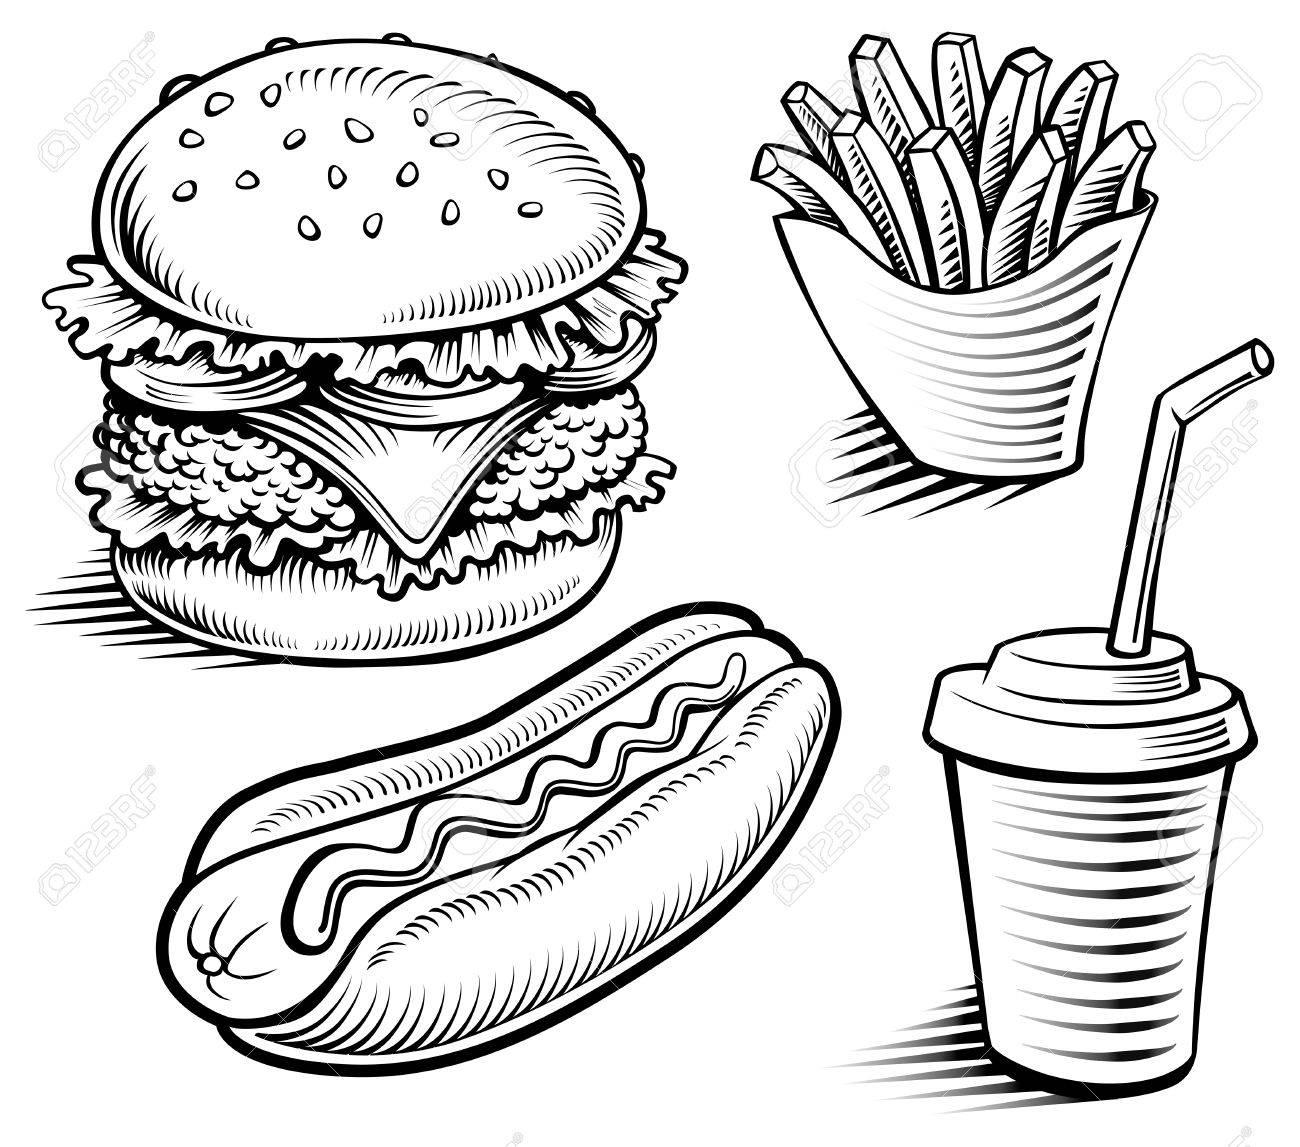 Hamburger Drawing At Getdrawings